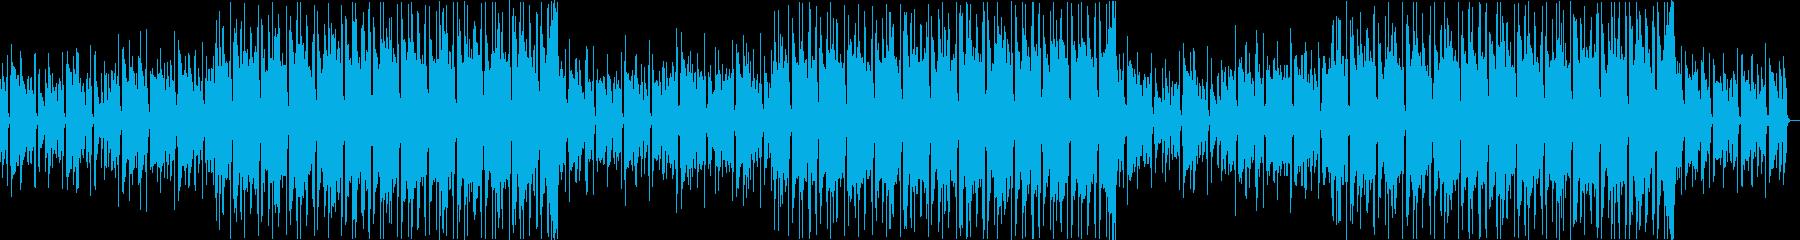 アコギヒップホップ感動洋楽コーポレートaの再生済みの波形